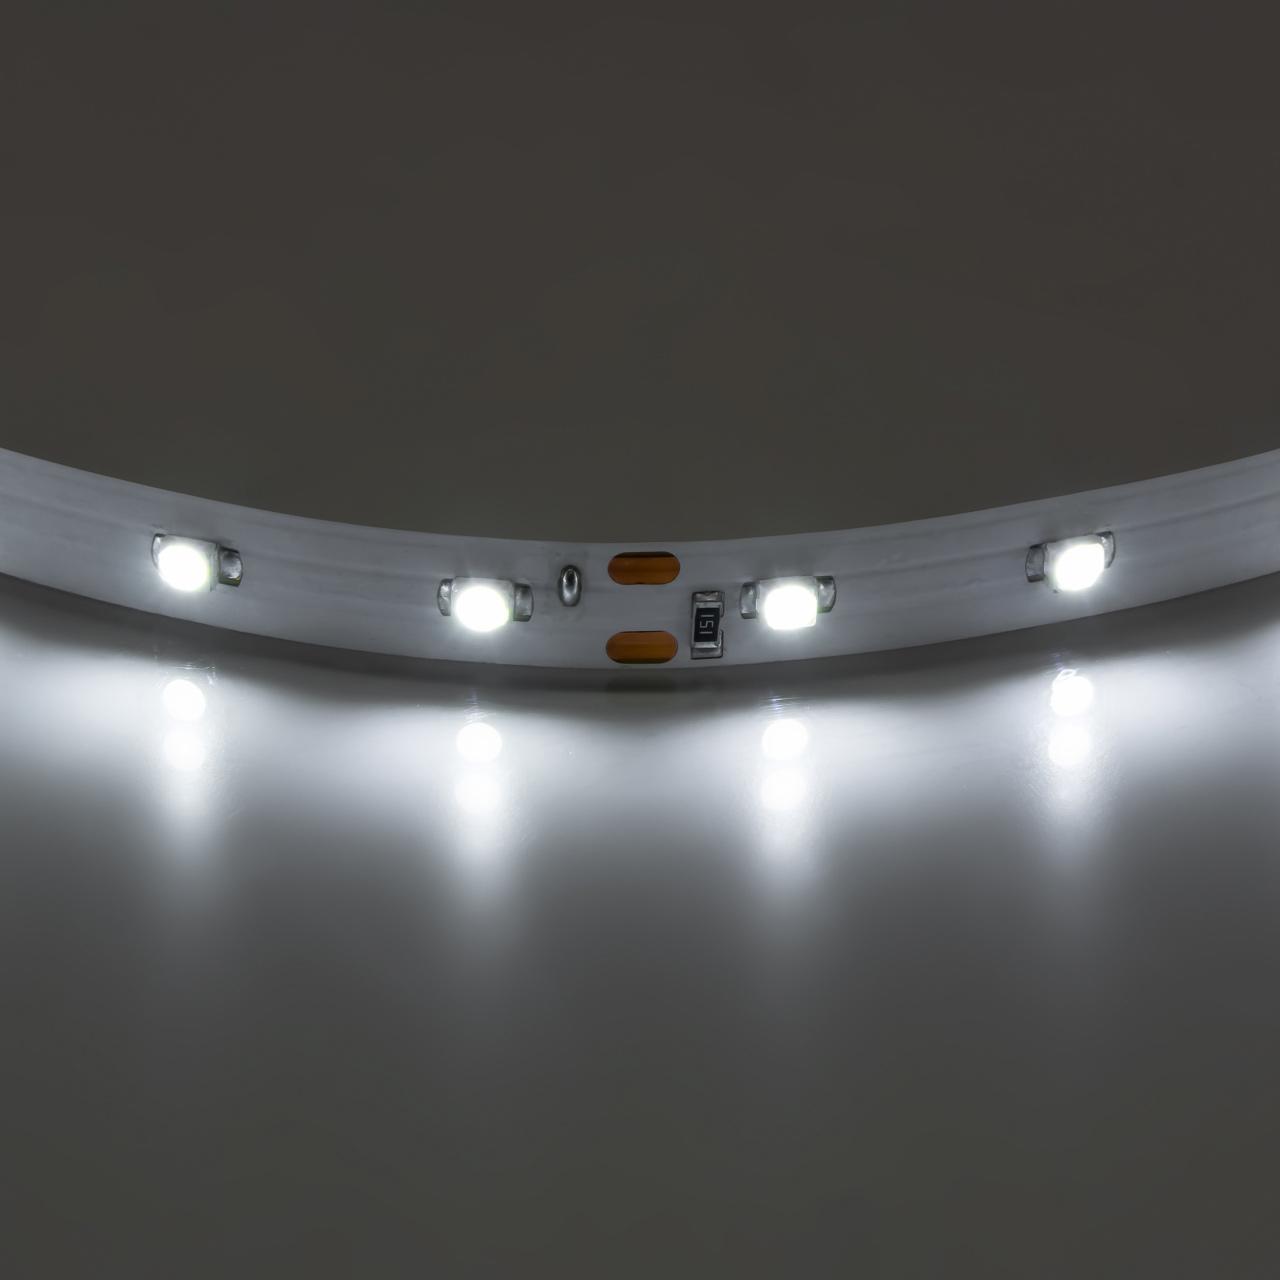 Лента 3528 LED 12V 4.8W 4200K-4500K 200m нейтральный белый свет Lightstar 400004